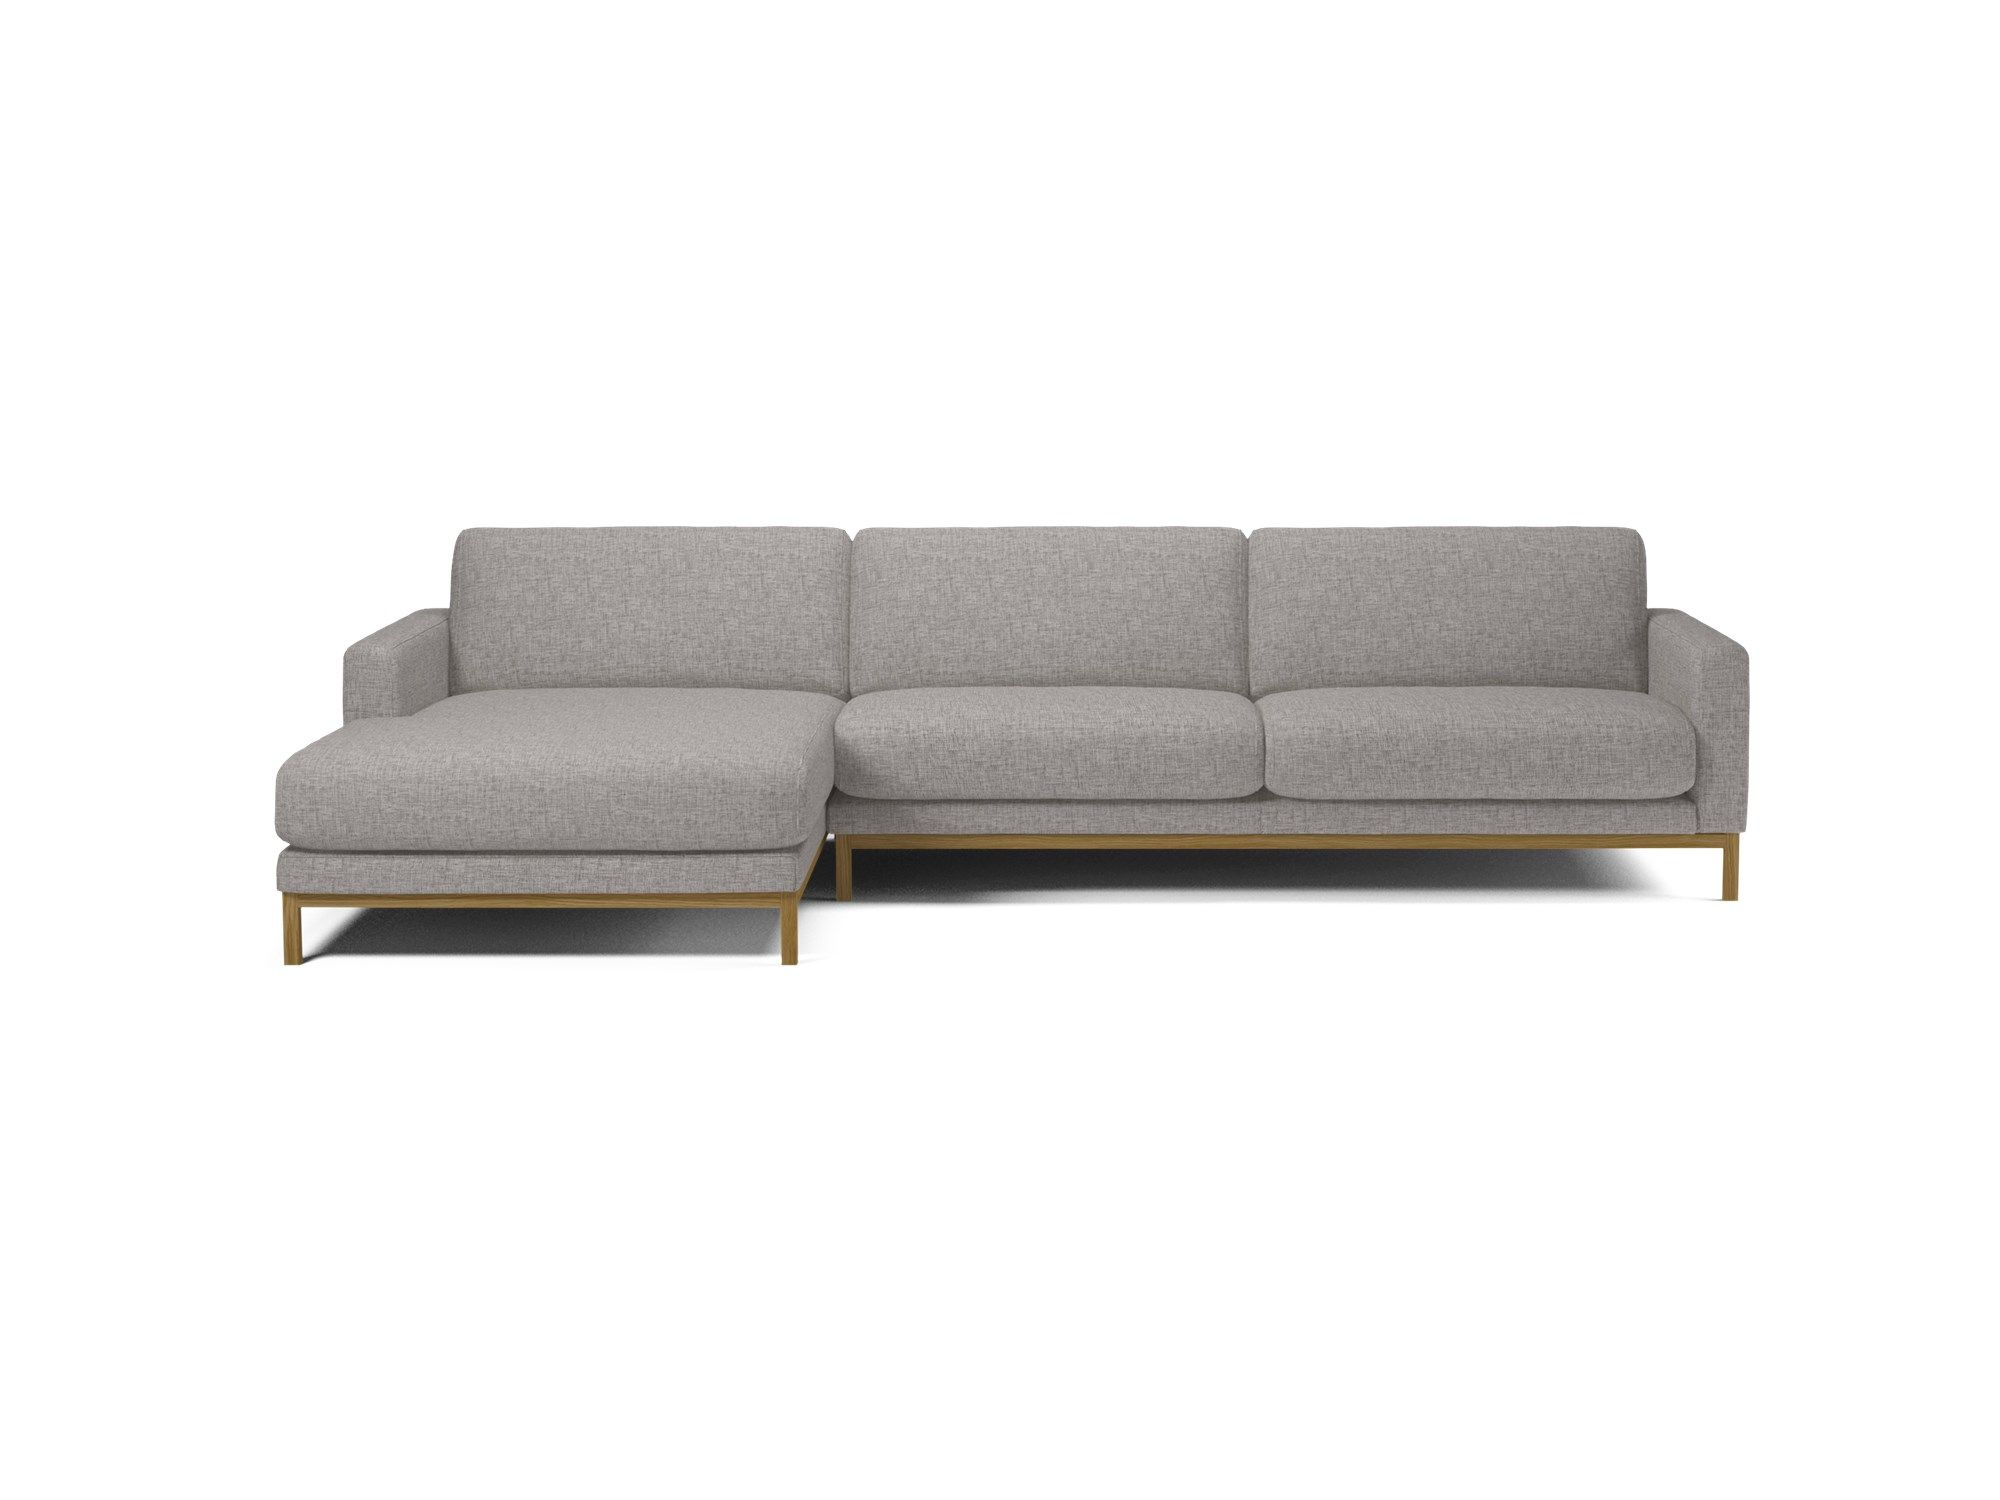 bolia sofas designersofas mit qualitt komfort und stilreinem design - Designer Couch Modelle Komfort